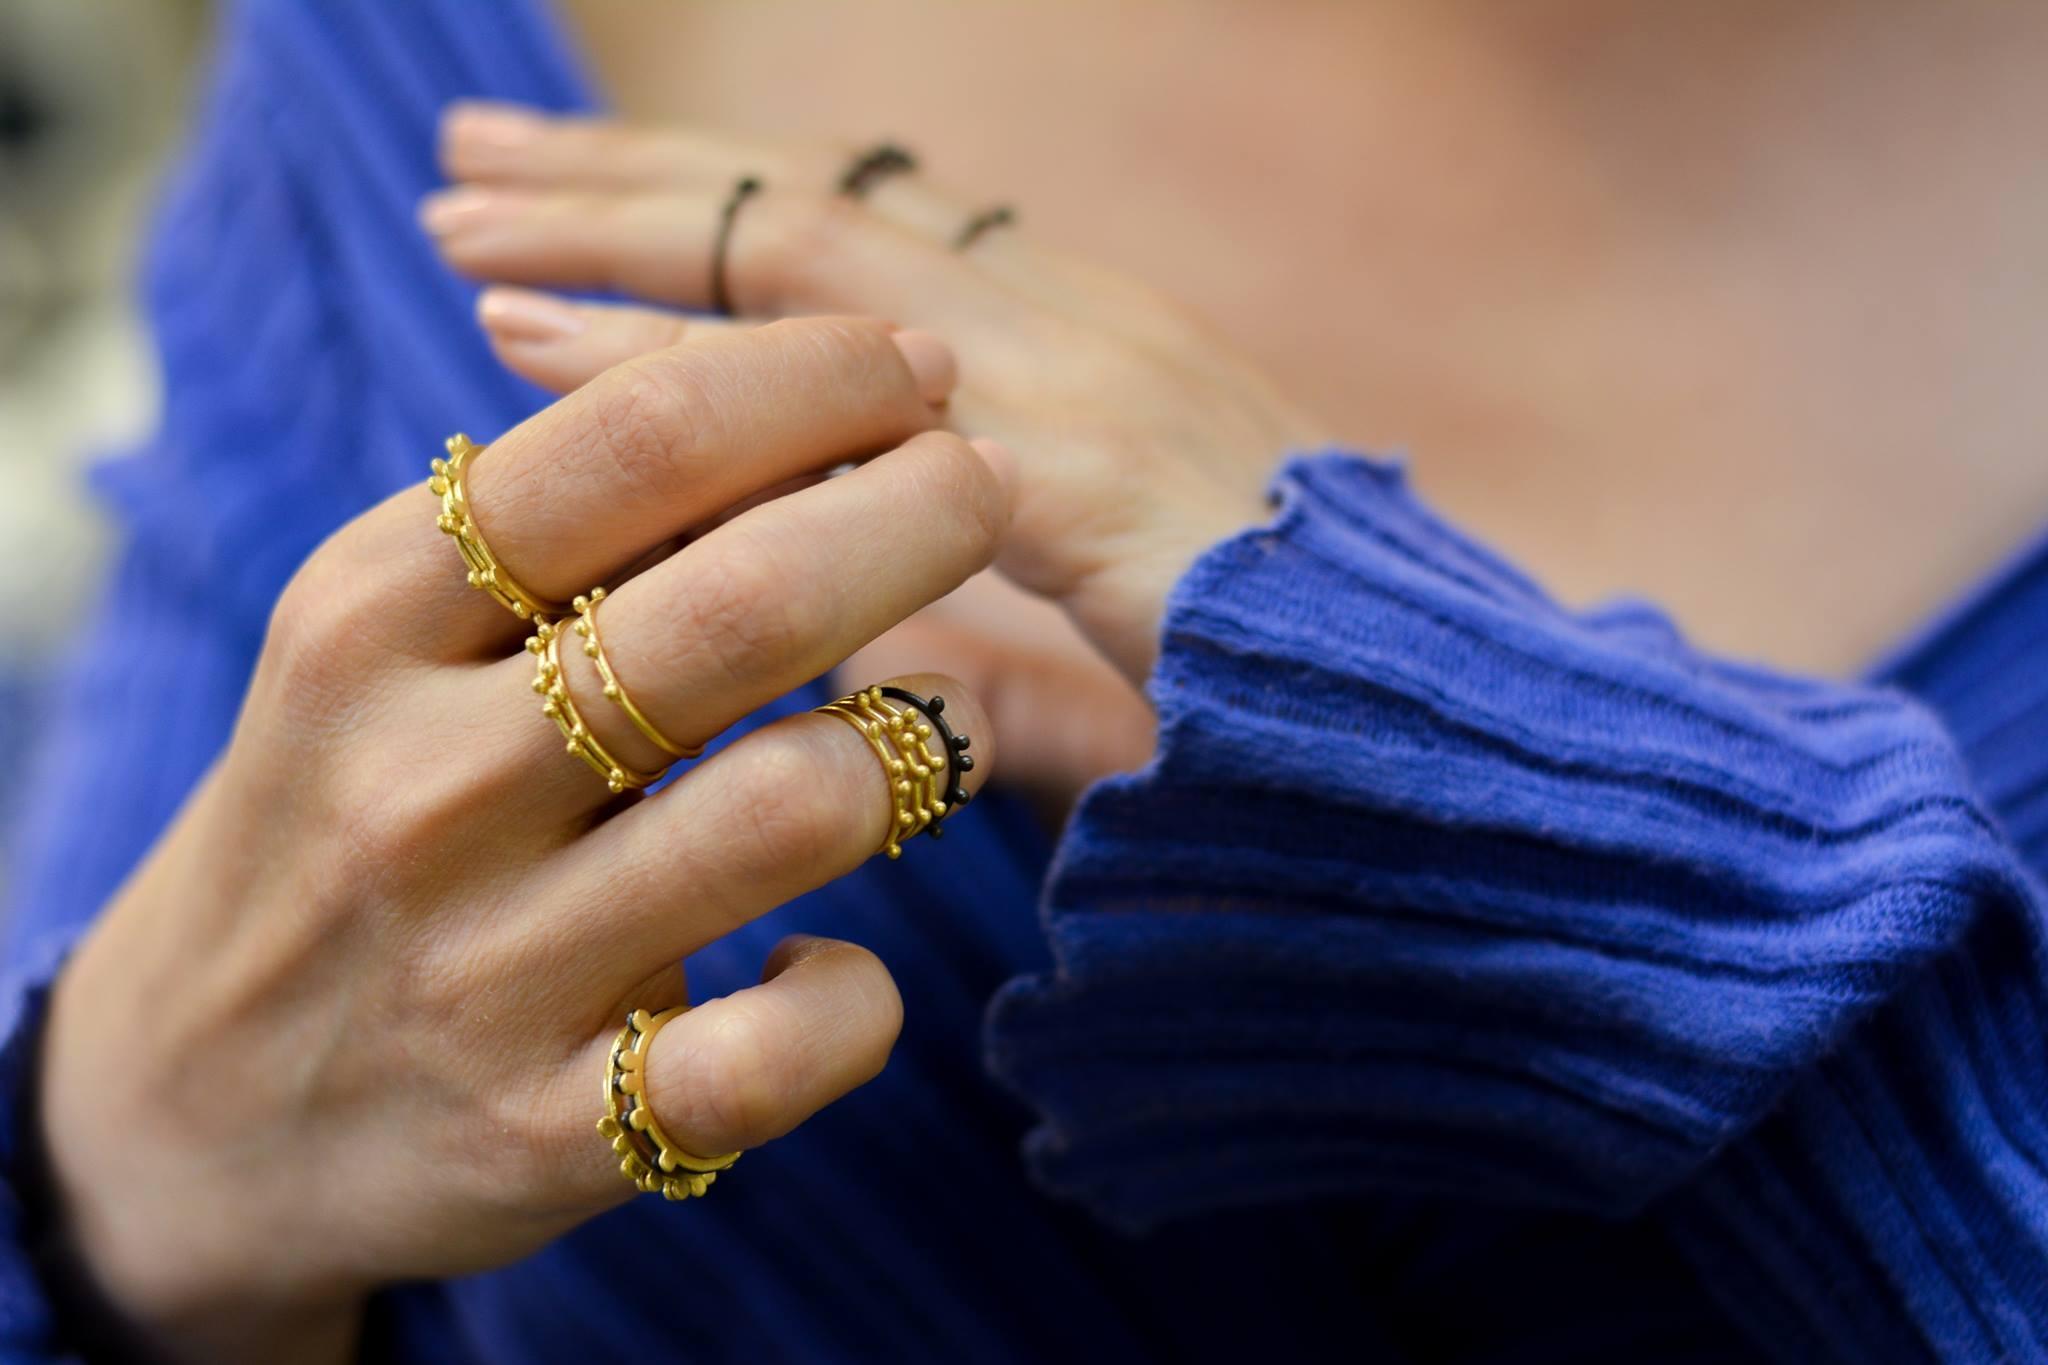 Paraskevi Kokolaki jewellery designer